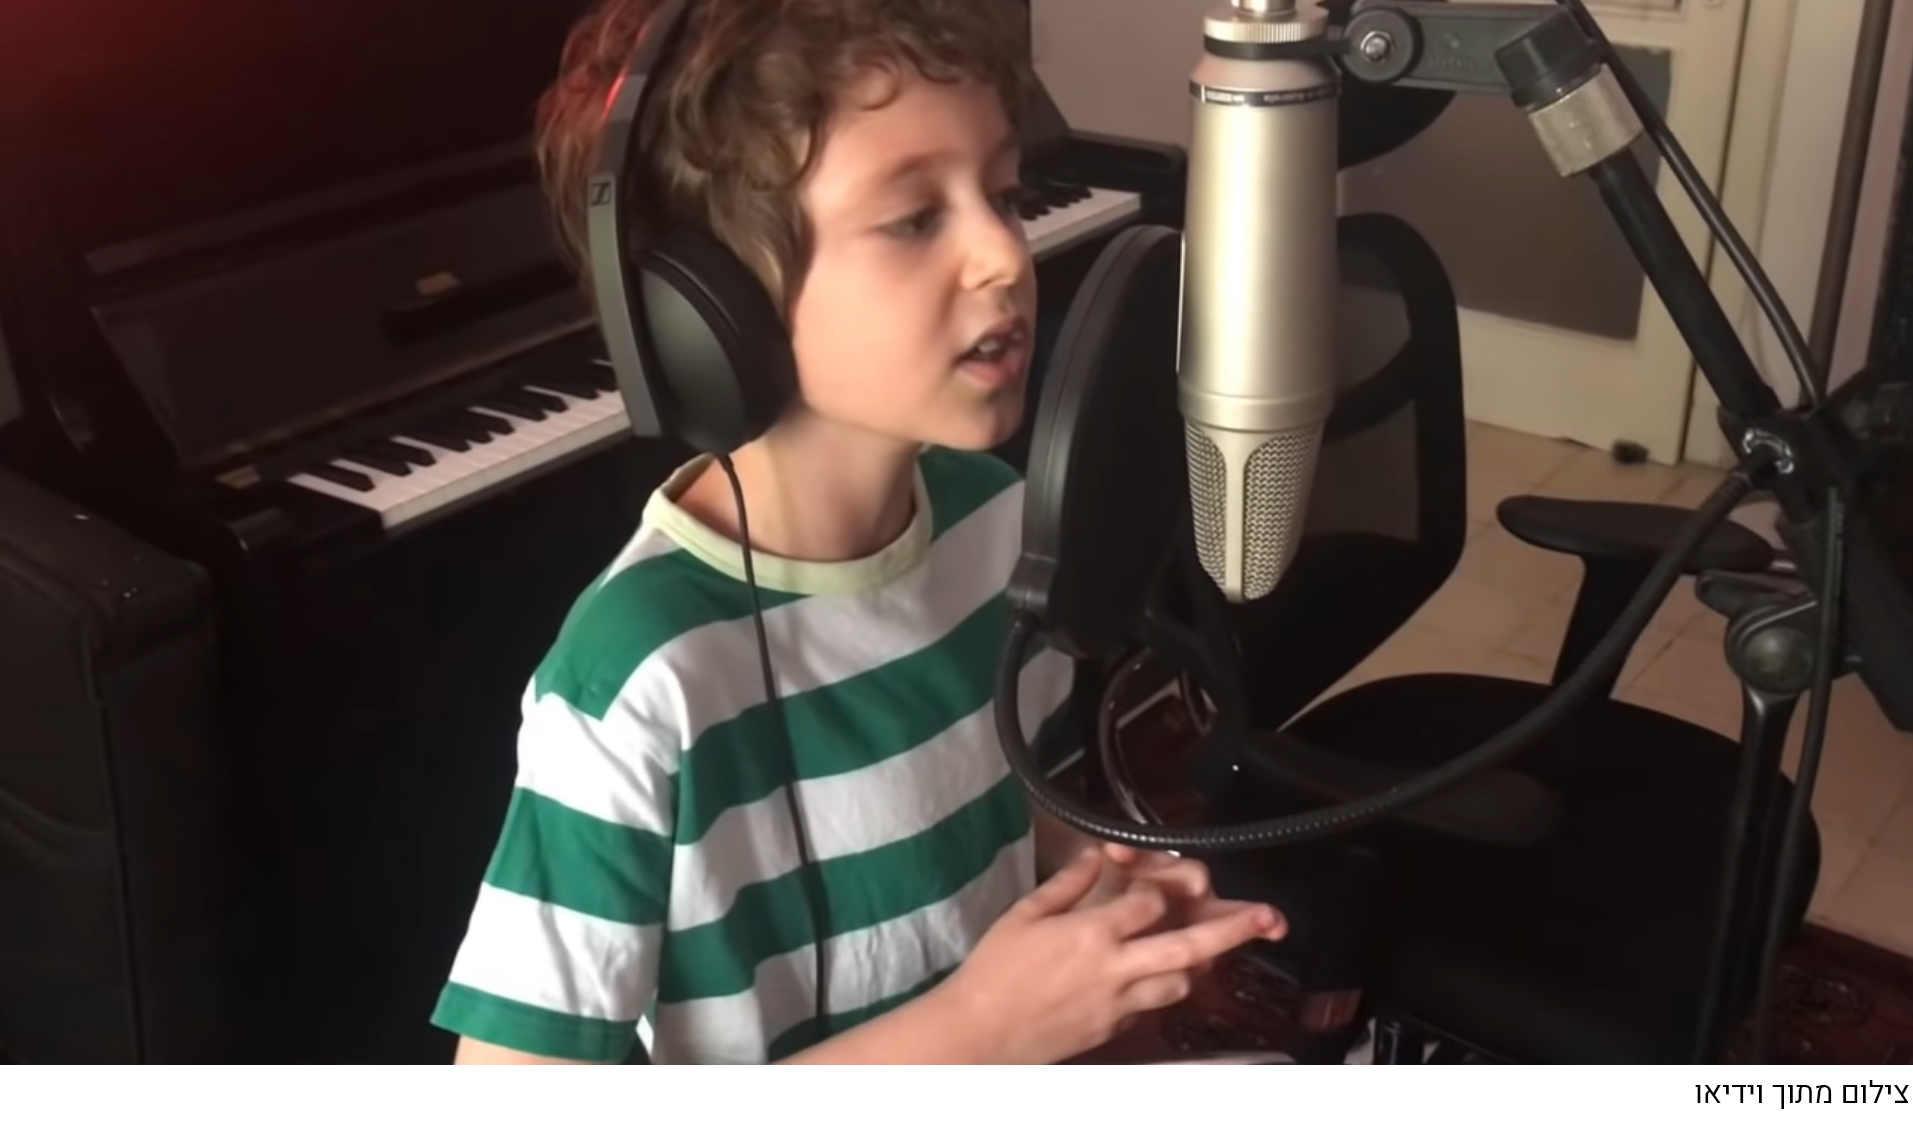 מגזין ''מקו ועד תרבות'' - ''חפצים'' תום ילדי ומוסיקה מרוממת לב